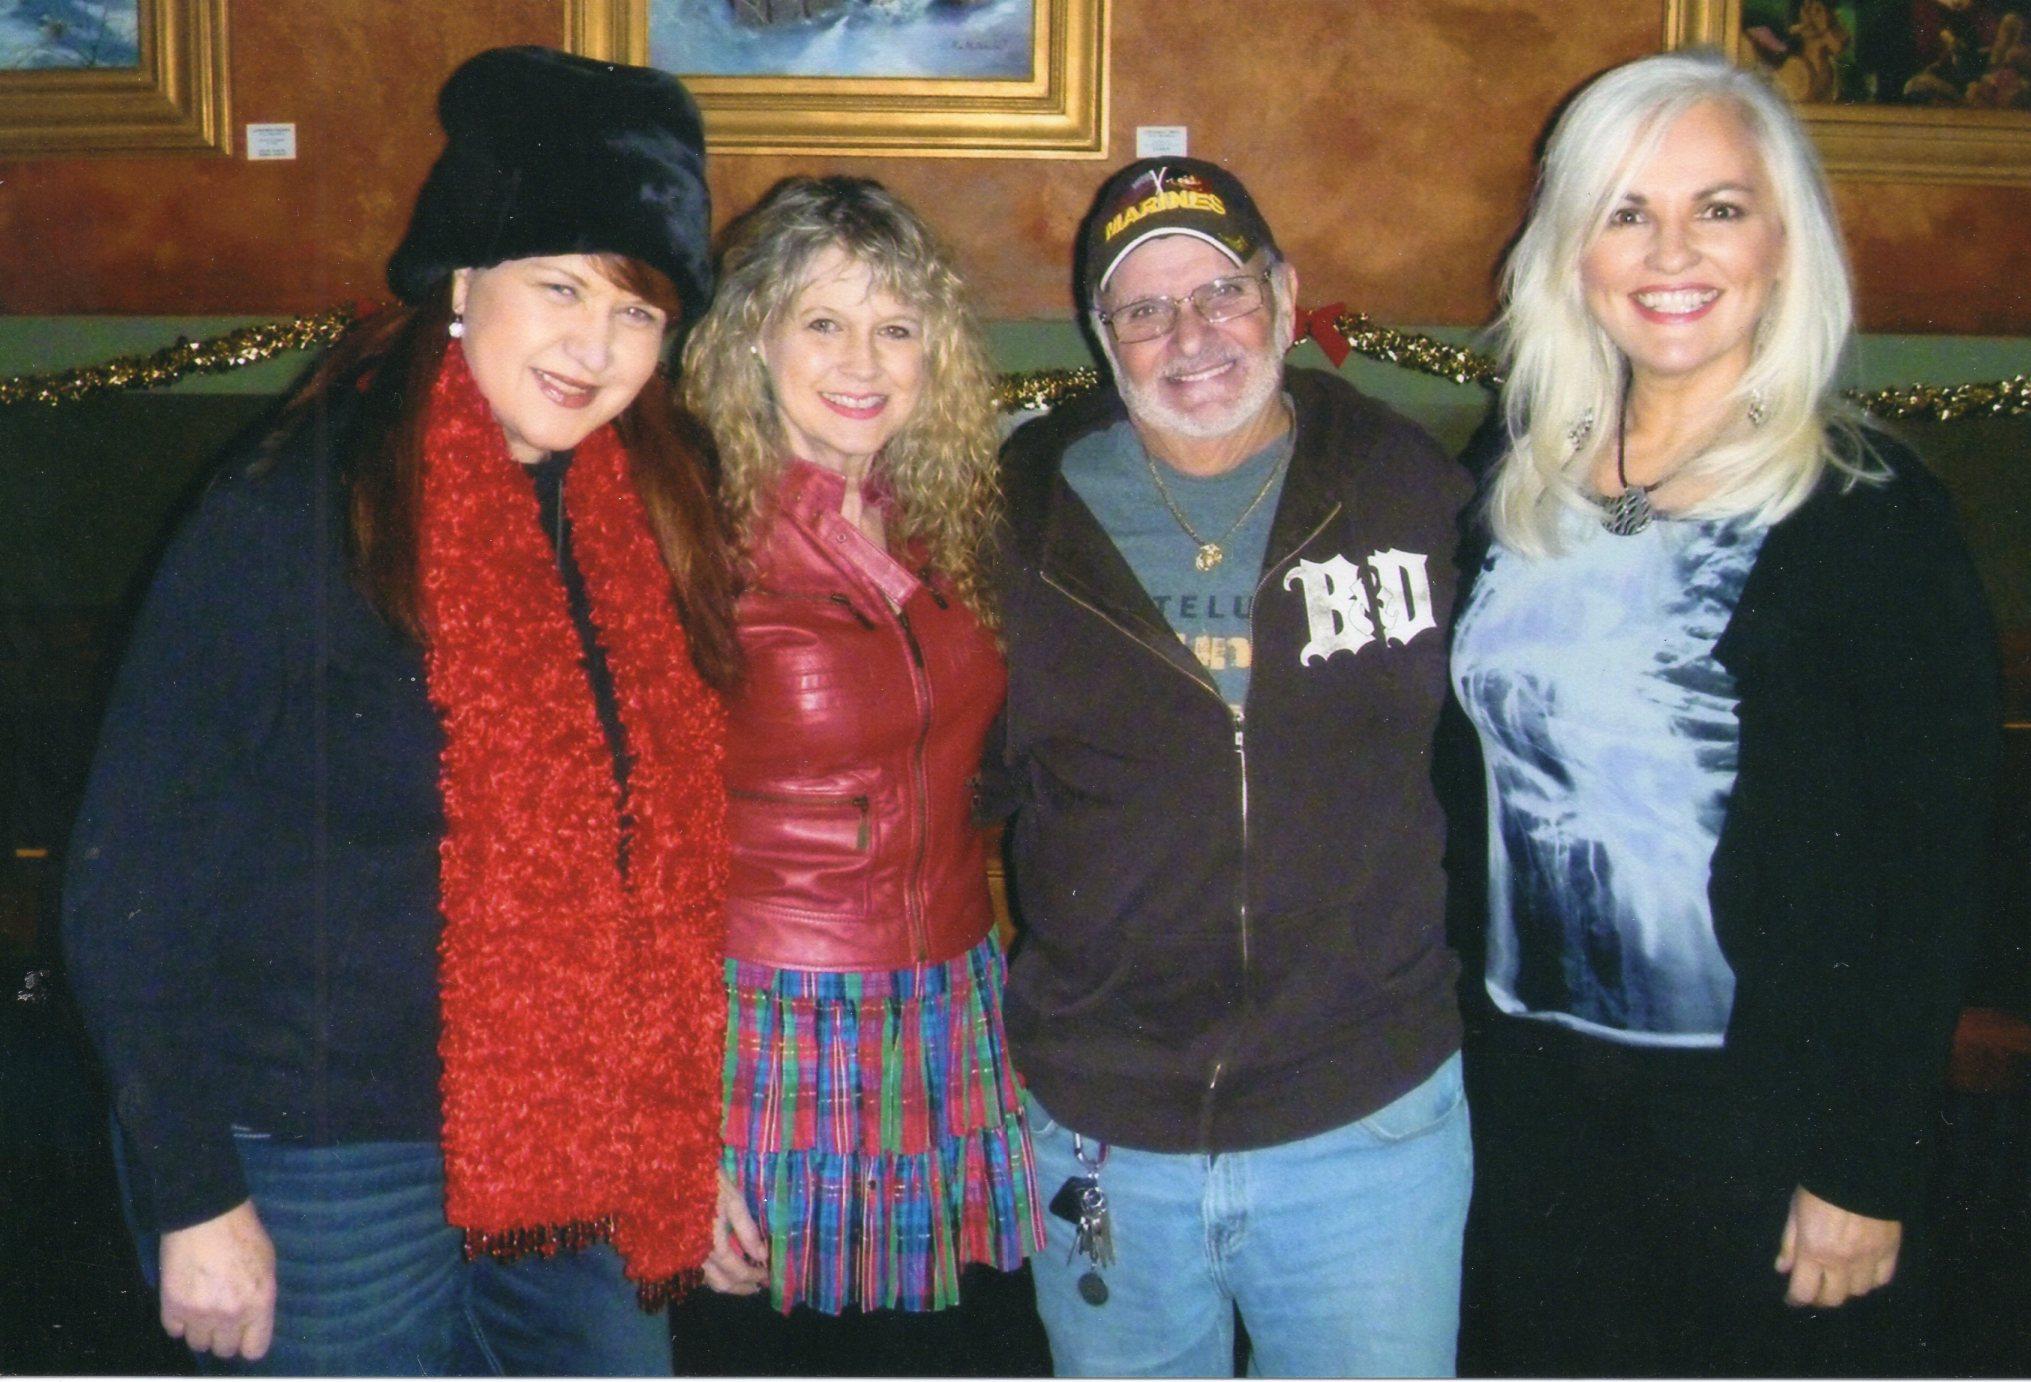 Becky Hobbs, Kacey Jones & Benita Hill